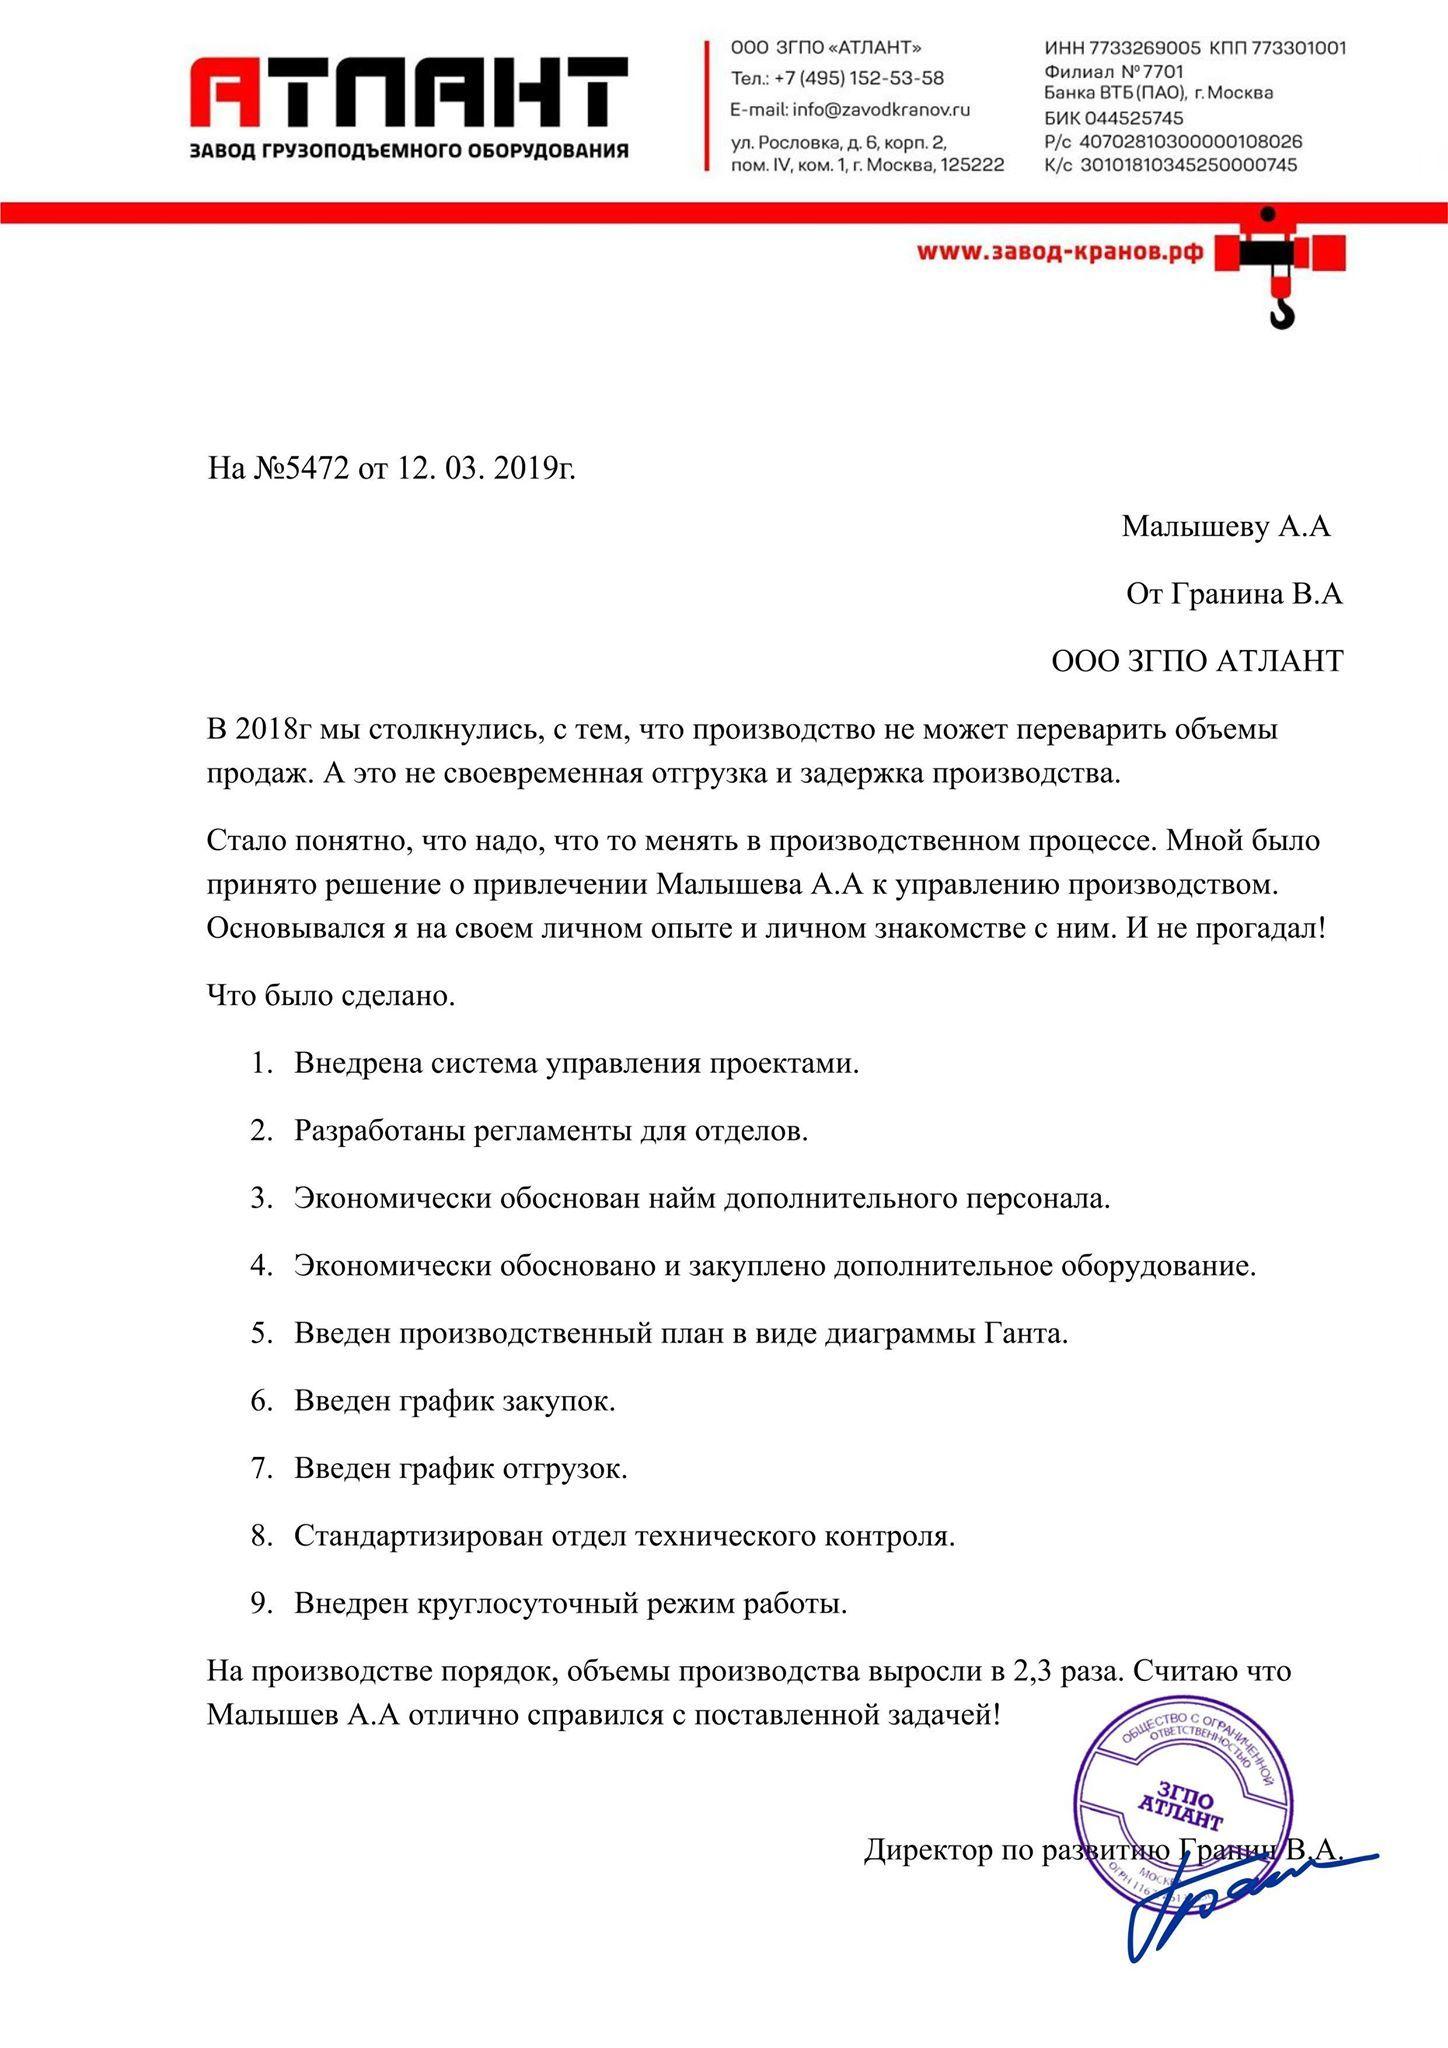 """Отзыв от заказчика по управлению и построению бизнес-процессов завода """"Атлант"""""""